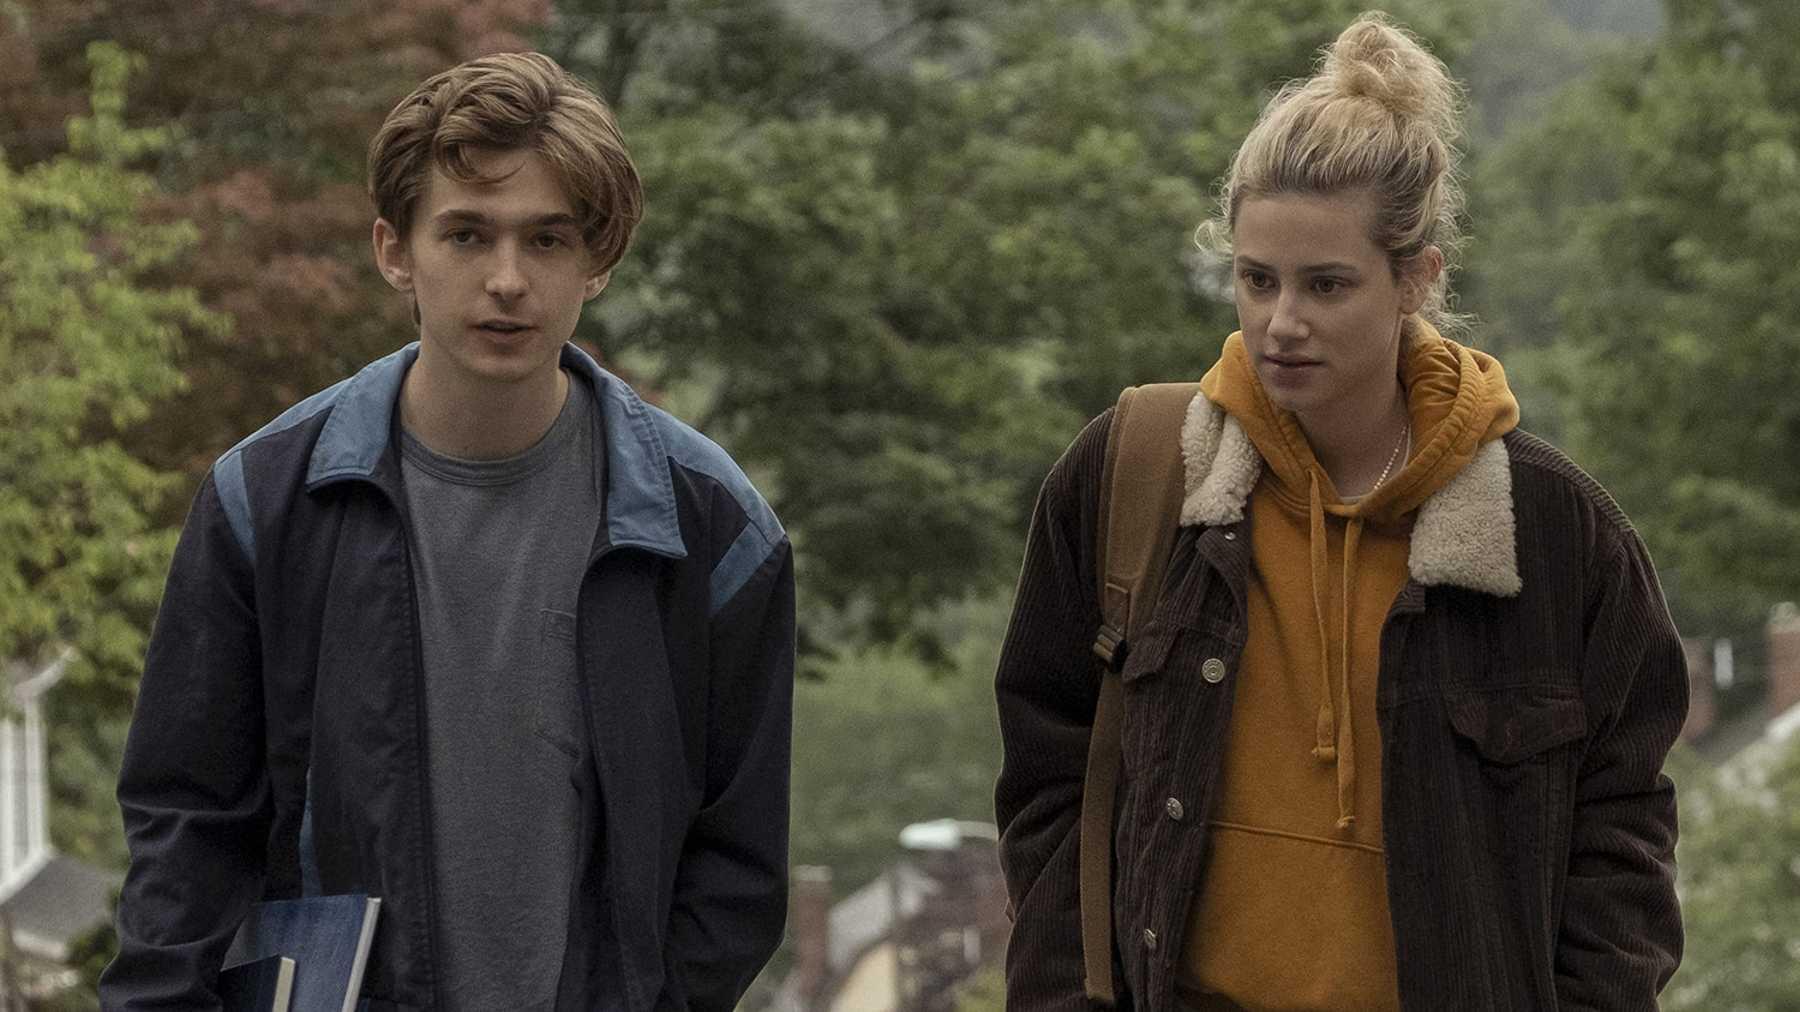 بهترین فیلم های رمانتیک در سال 2020 + [لینک دانلود]